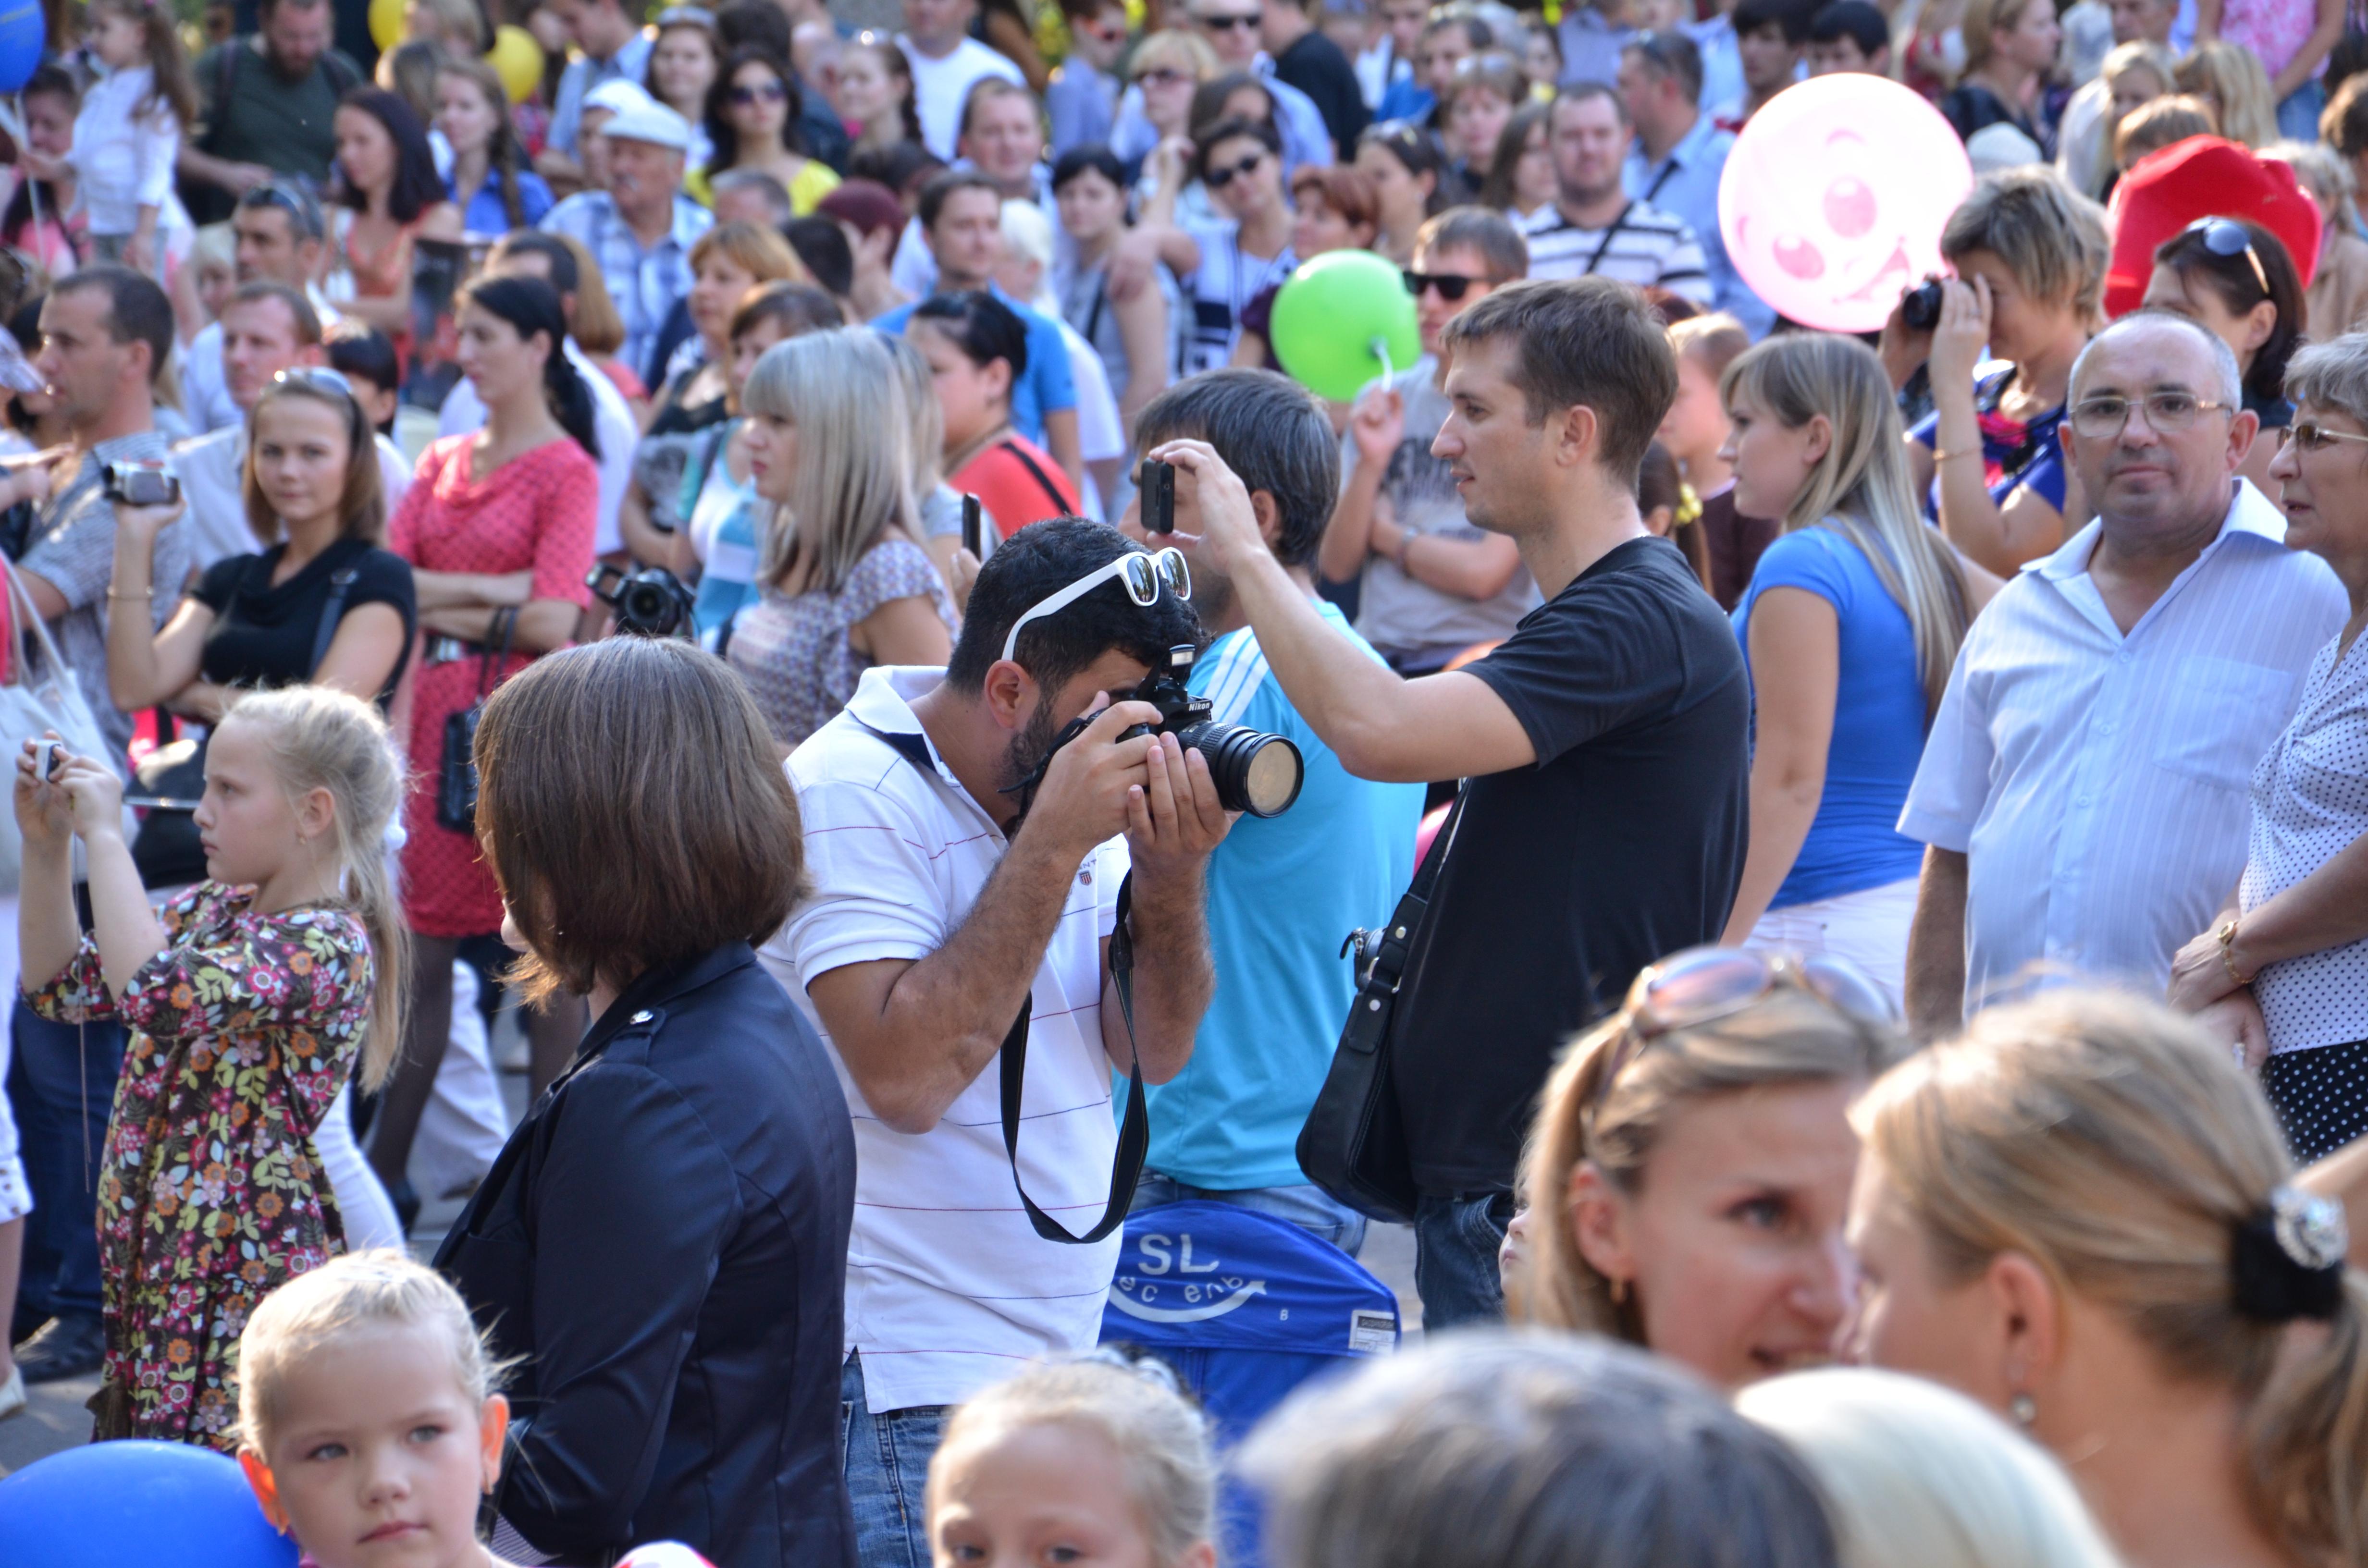 фотограф в толпе